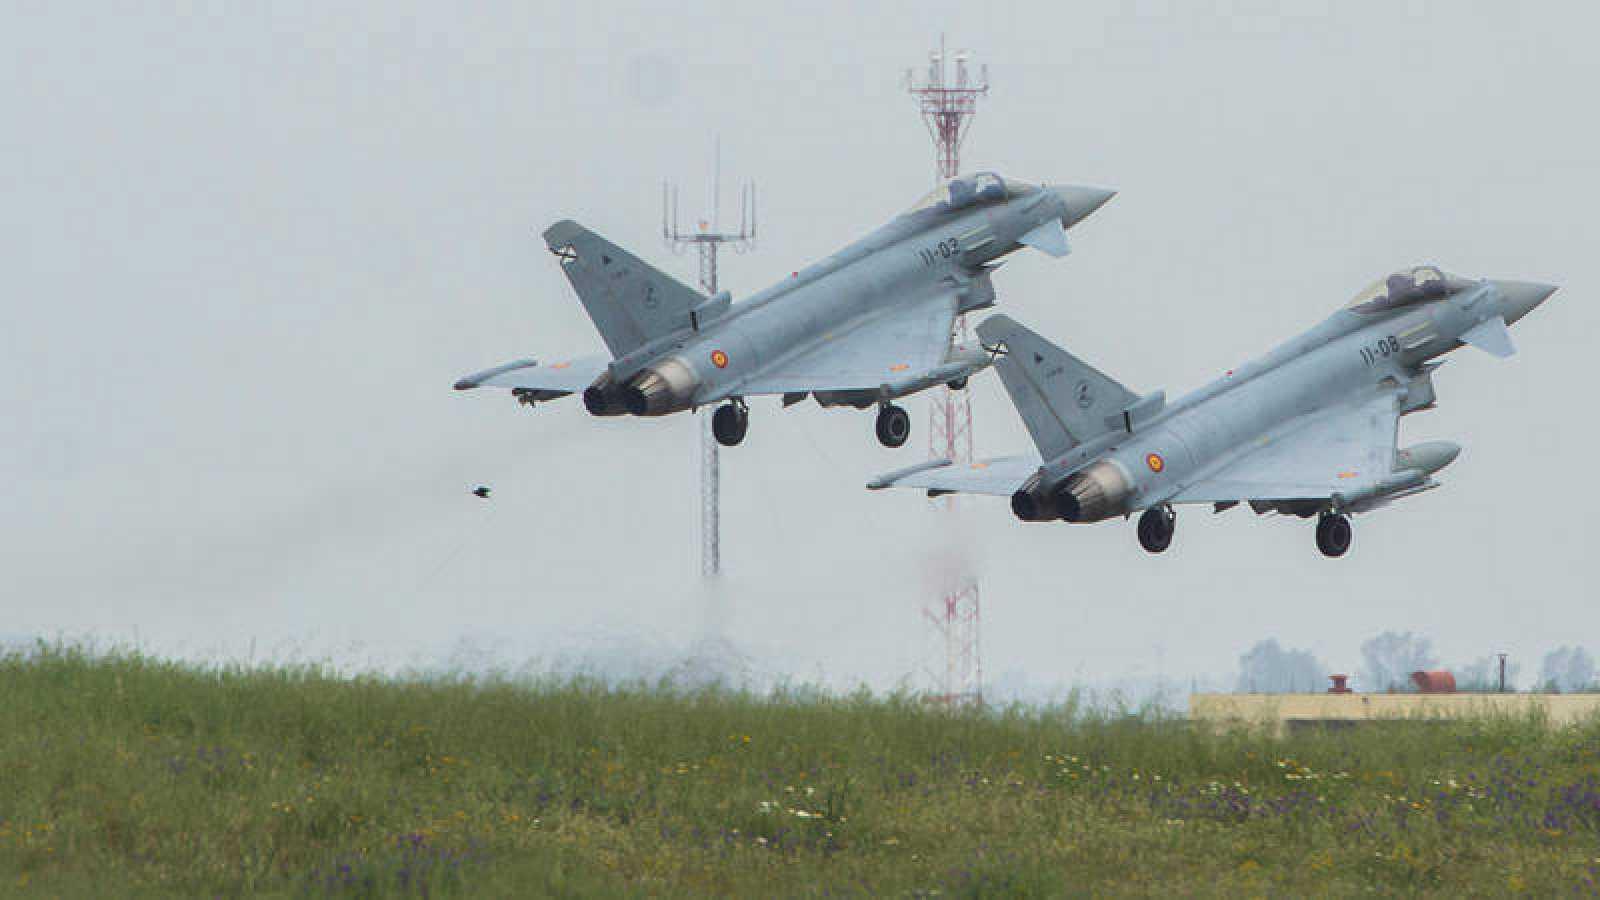 Dos Eurofighter de la base aérea de Morón, antes de partir hacia Siauliai (Lituania), para participar en la misión de Policía Aérea del Báltico (BAP).